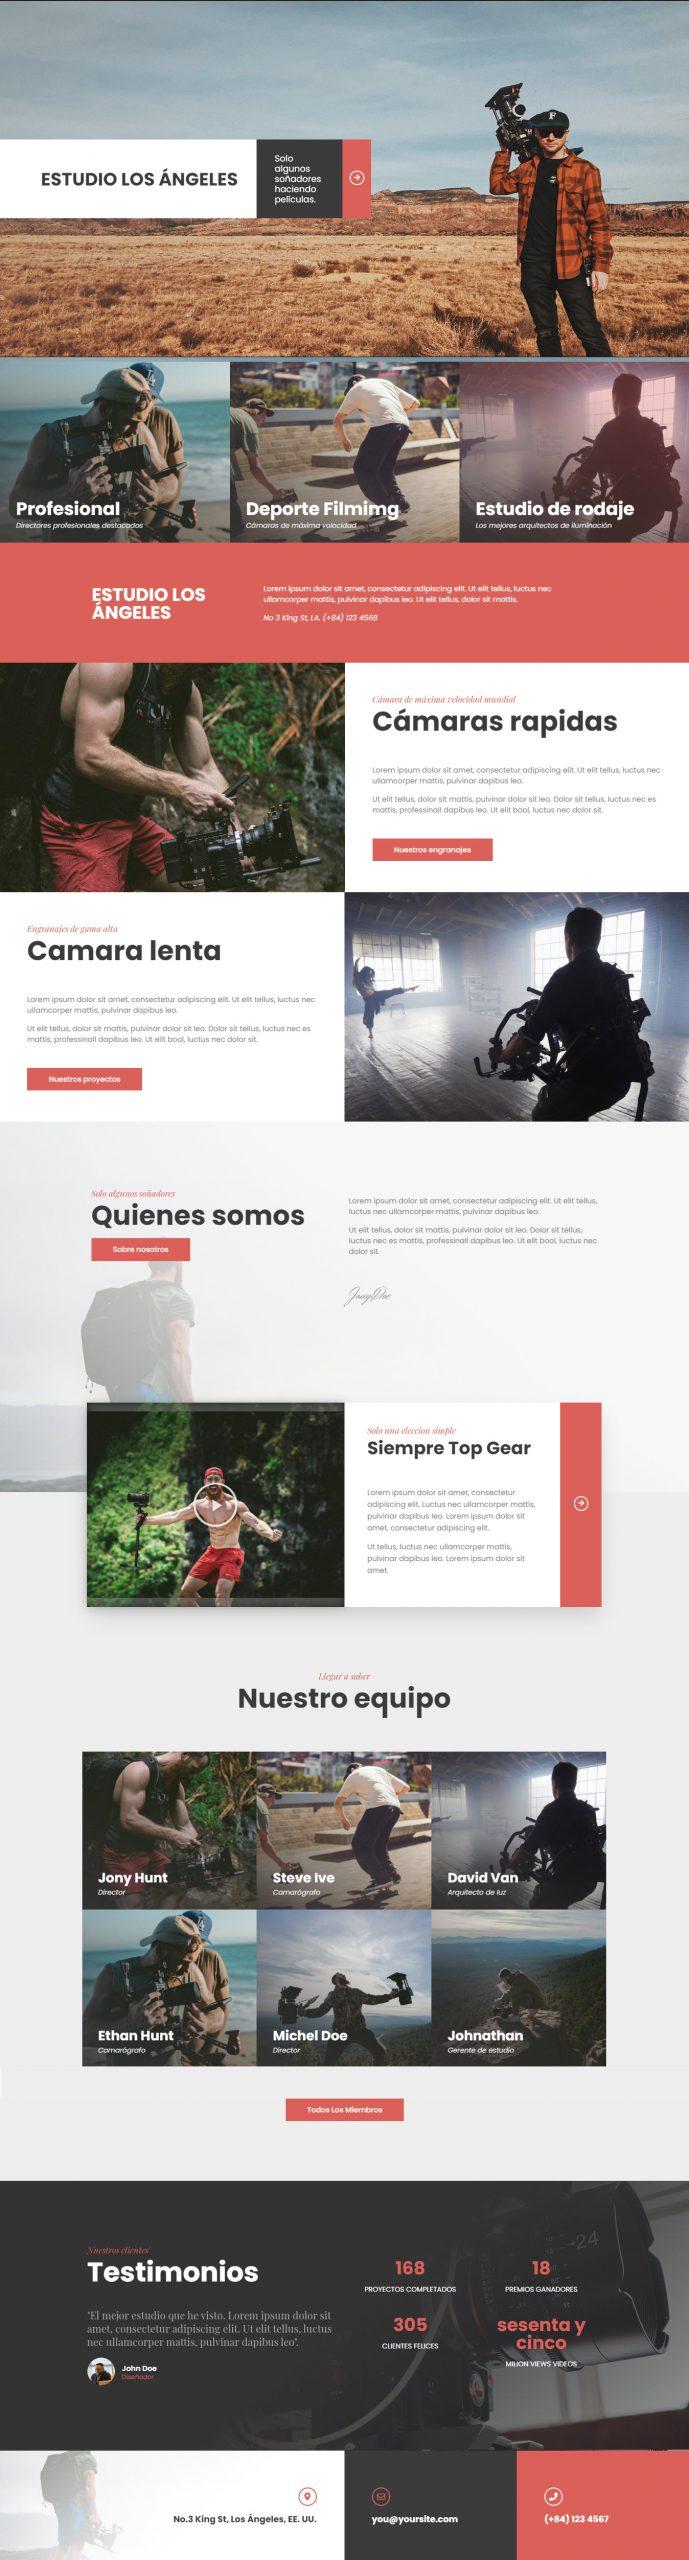 bluetec-fotografo